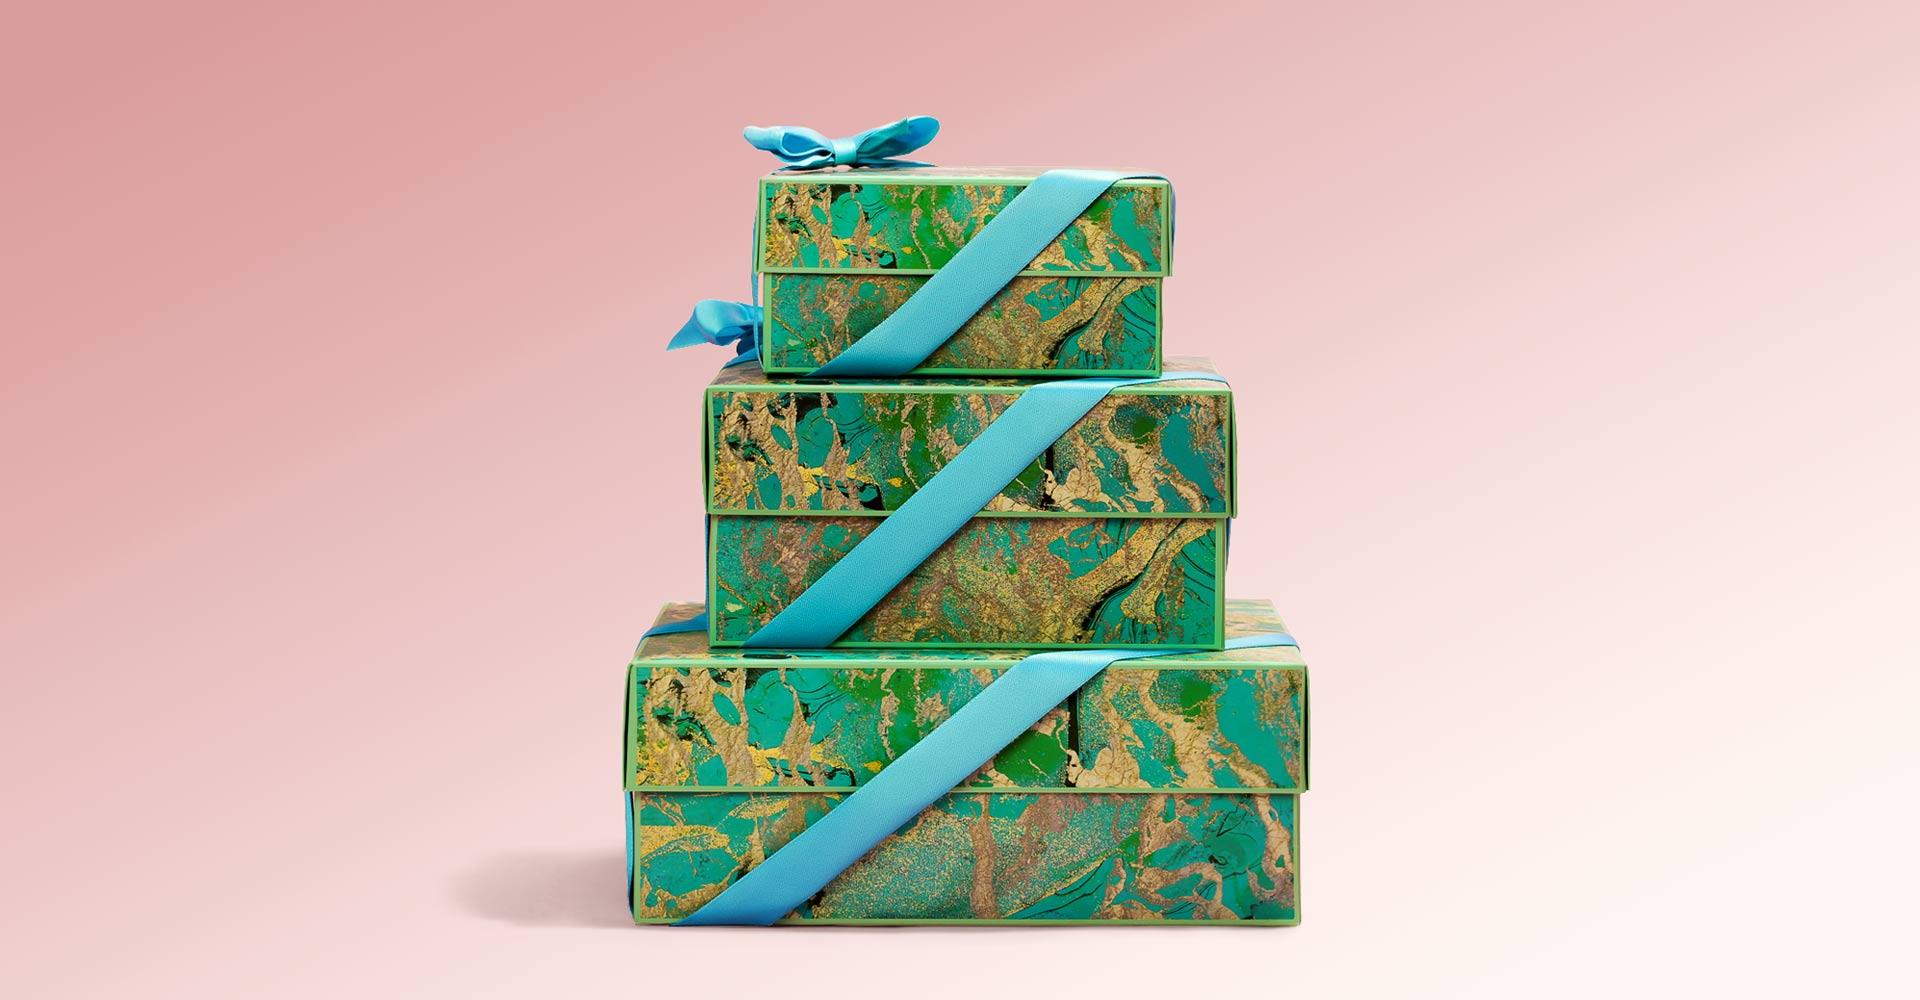 Creative_Retail_Packaging_Package_design_Origins_57.jpg